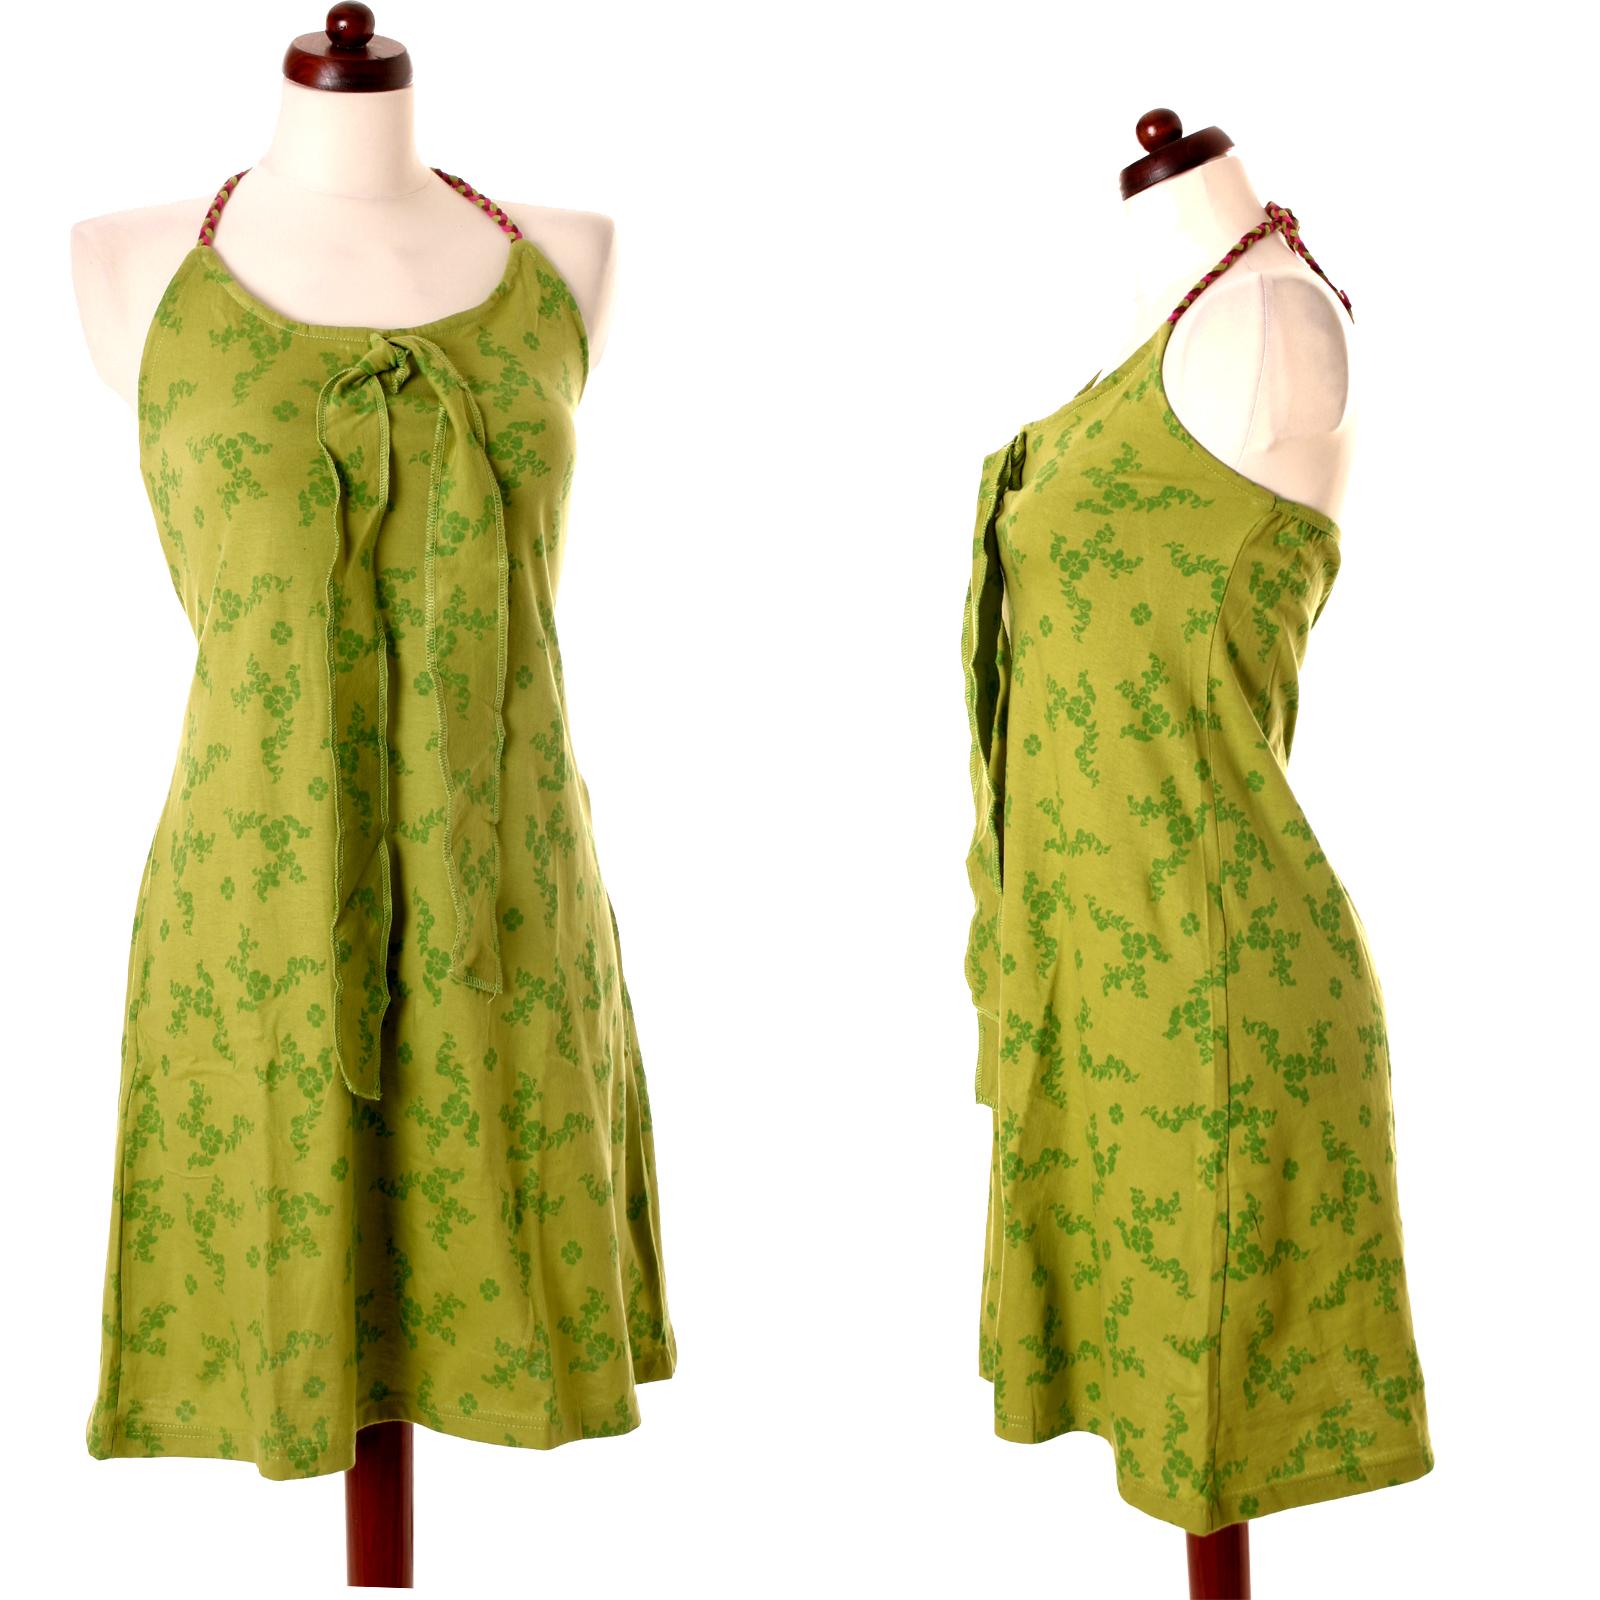 vishes sommer kleid hippie blumen floral neckholder ethno nepal tunika dress ebay. Black Bedroom Furniture Sets. Home Design Ideas